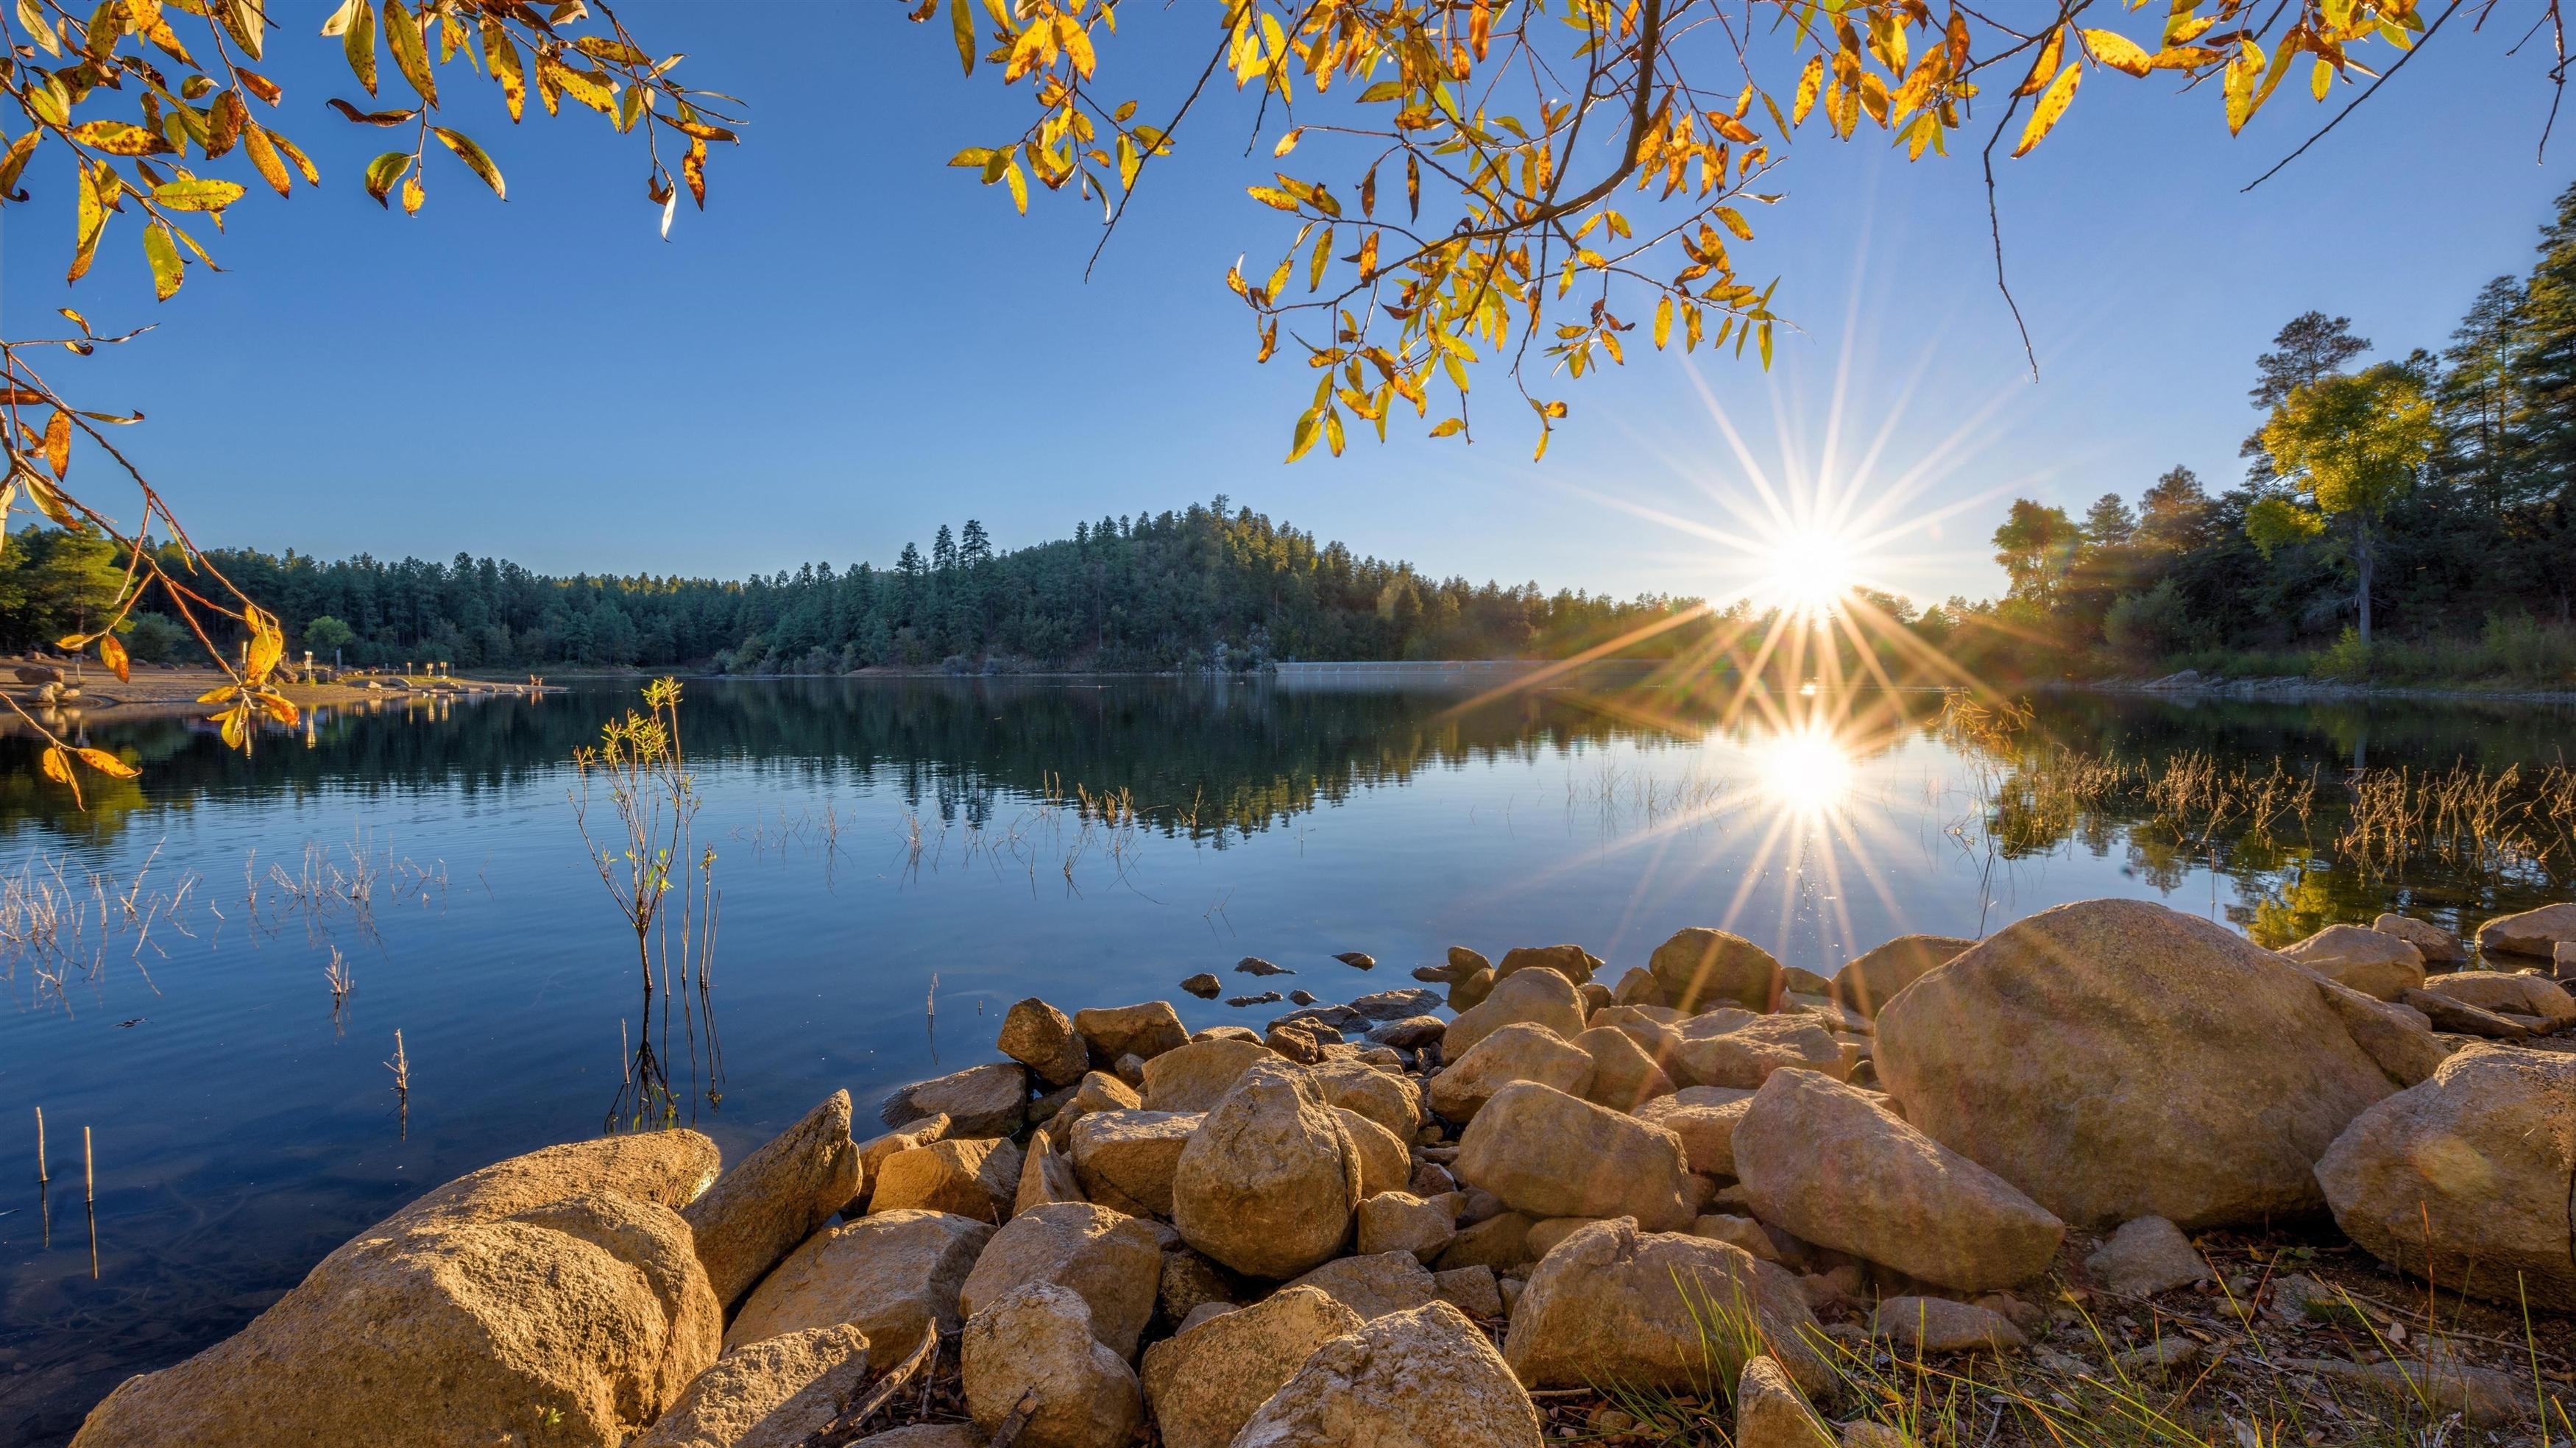 Озеро земля деревья обои скачать